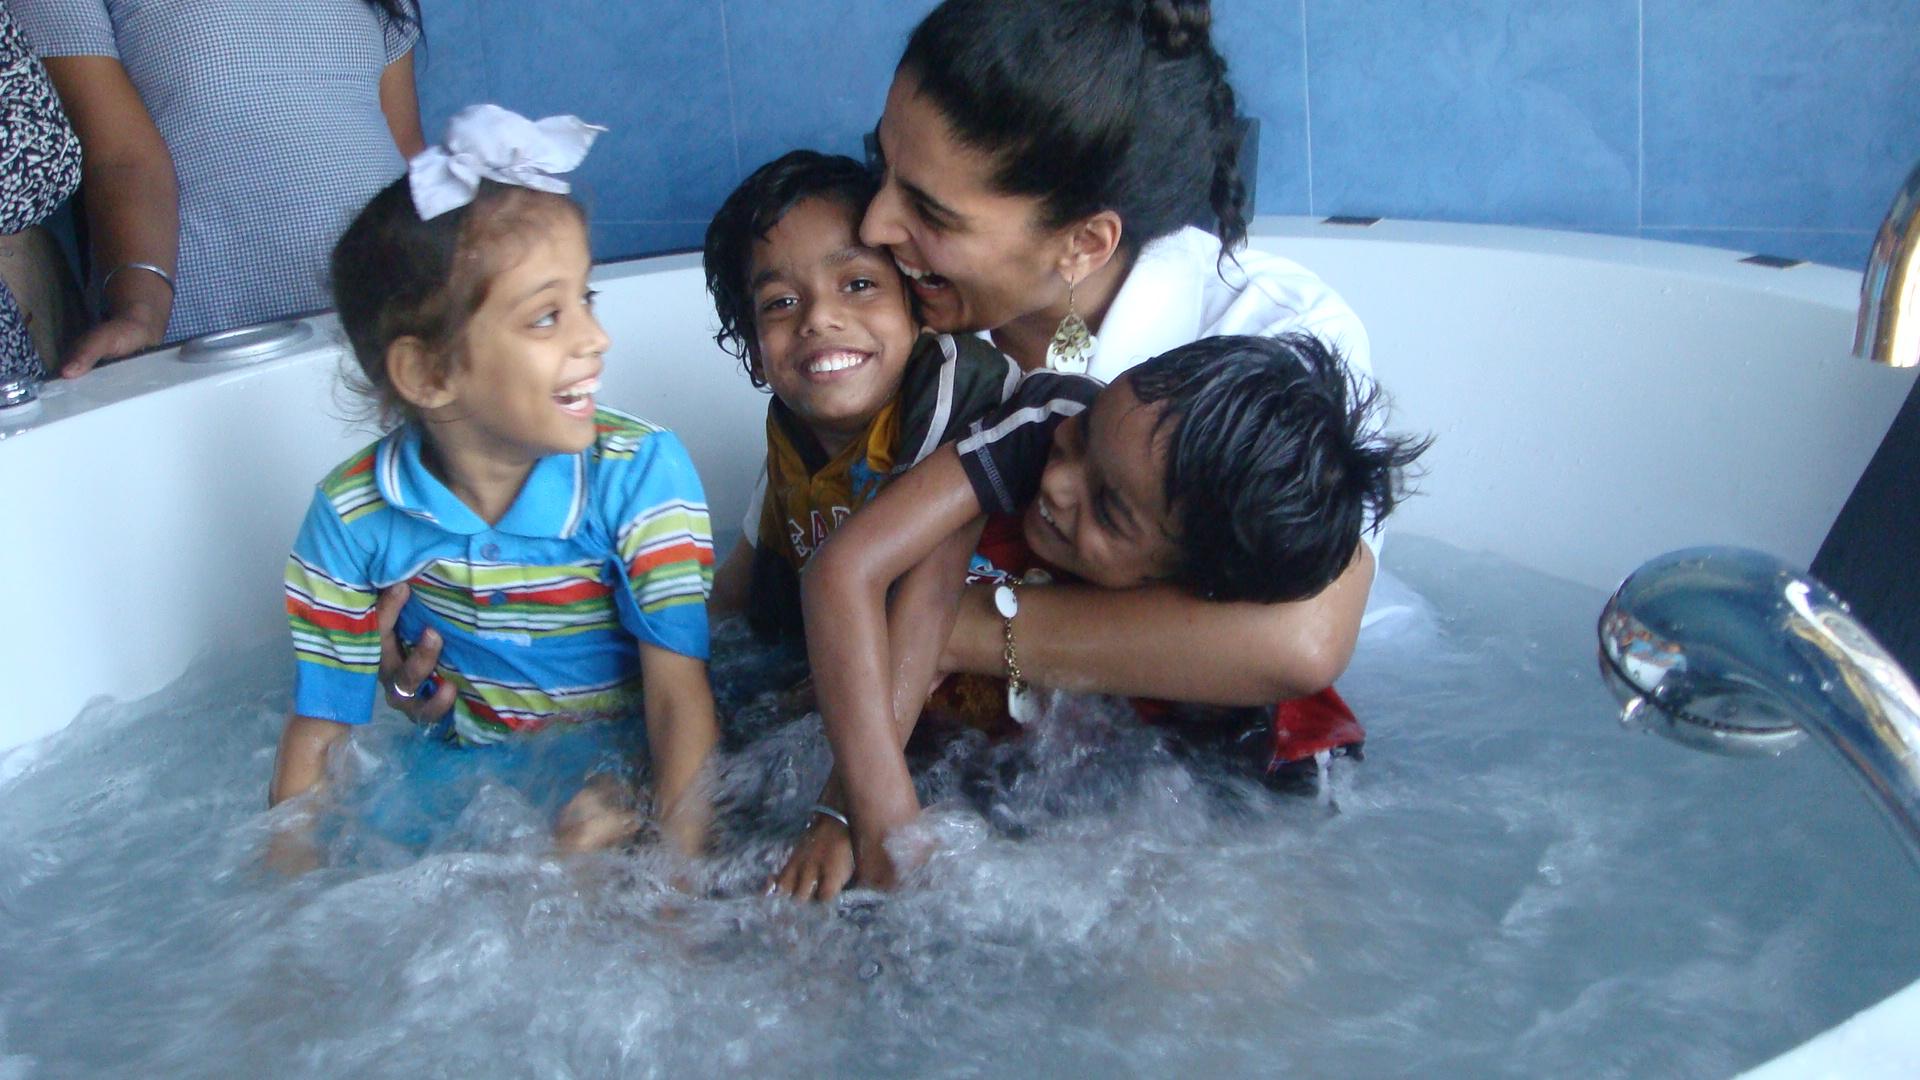 india feb-may 2010 1291